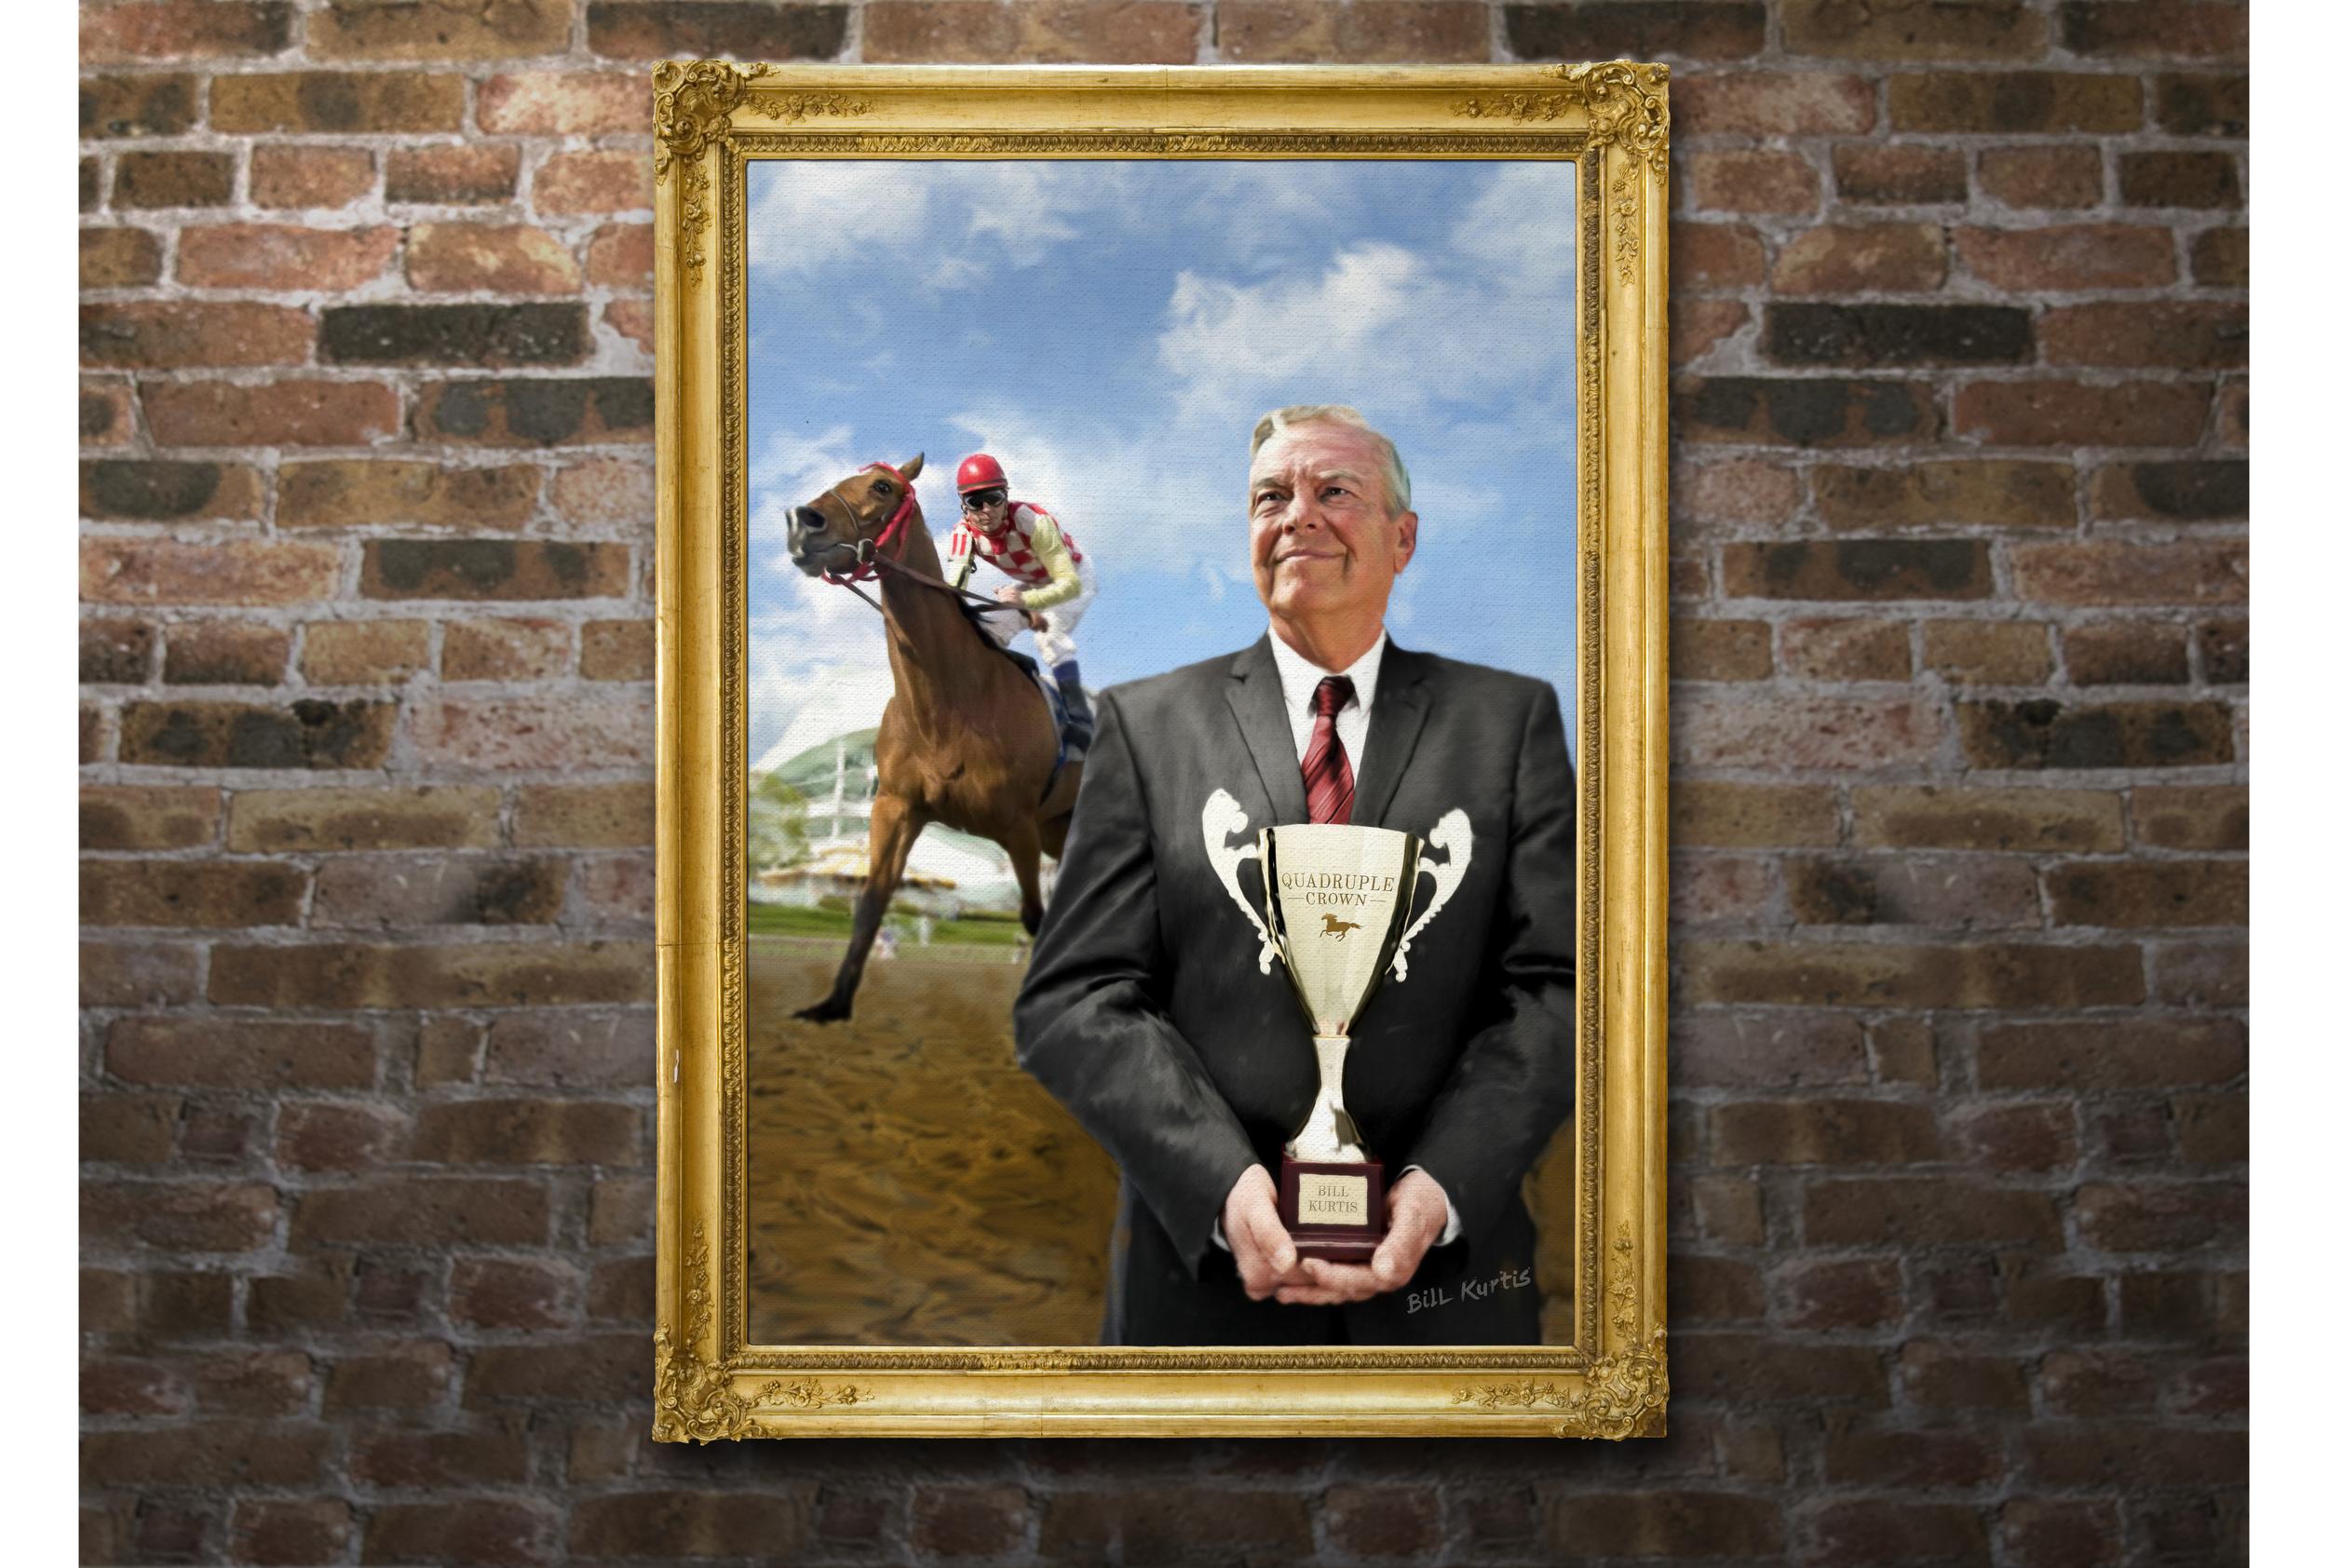 Bill_in_frames_wall_wide2_horserace.jpg